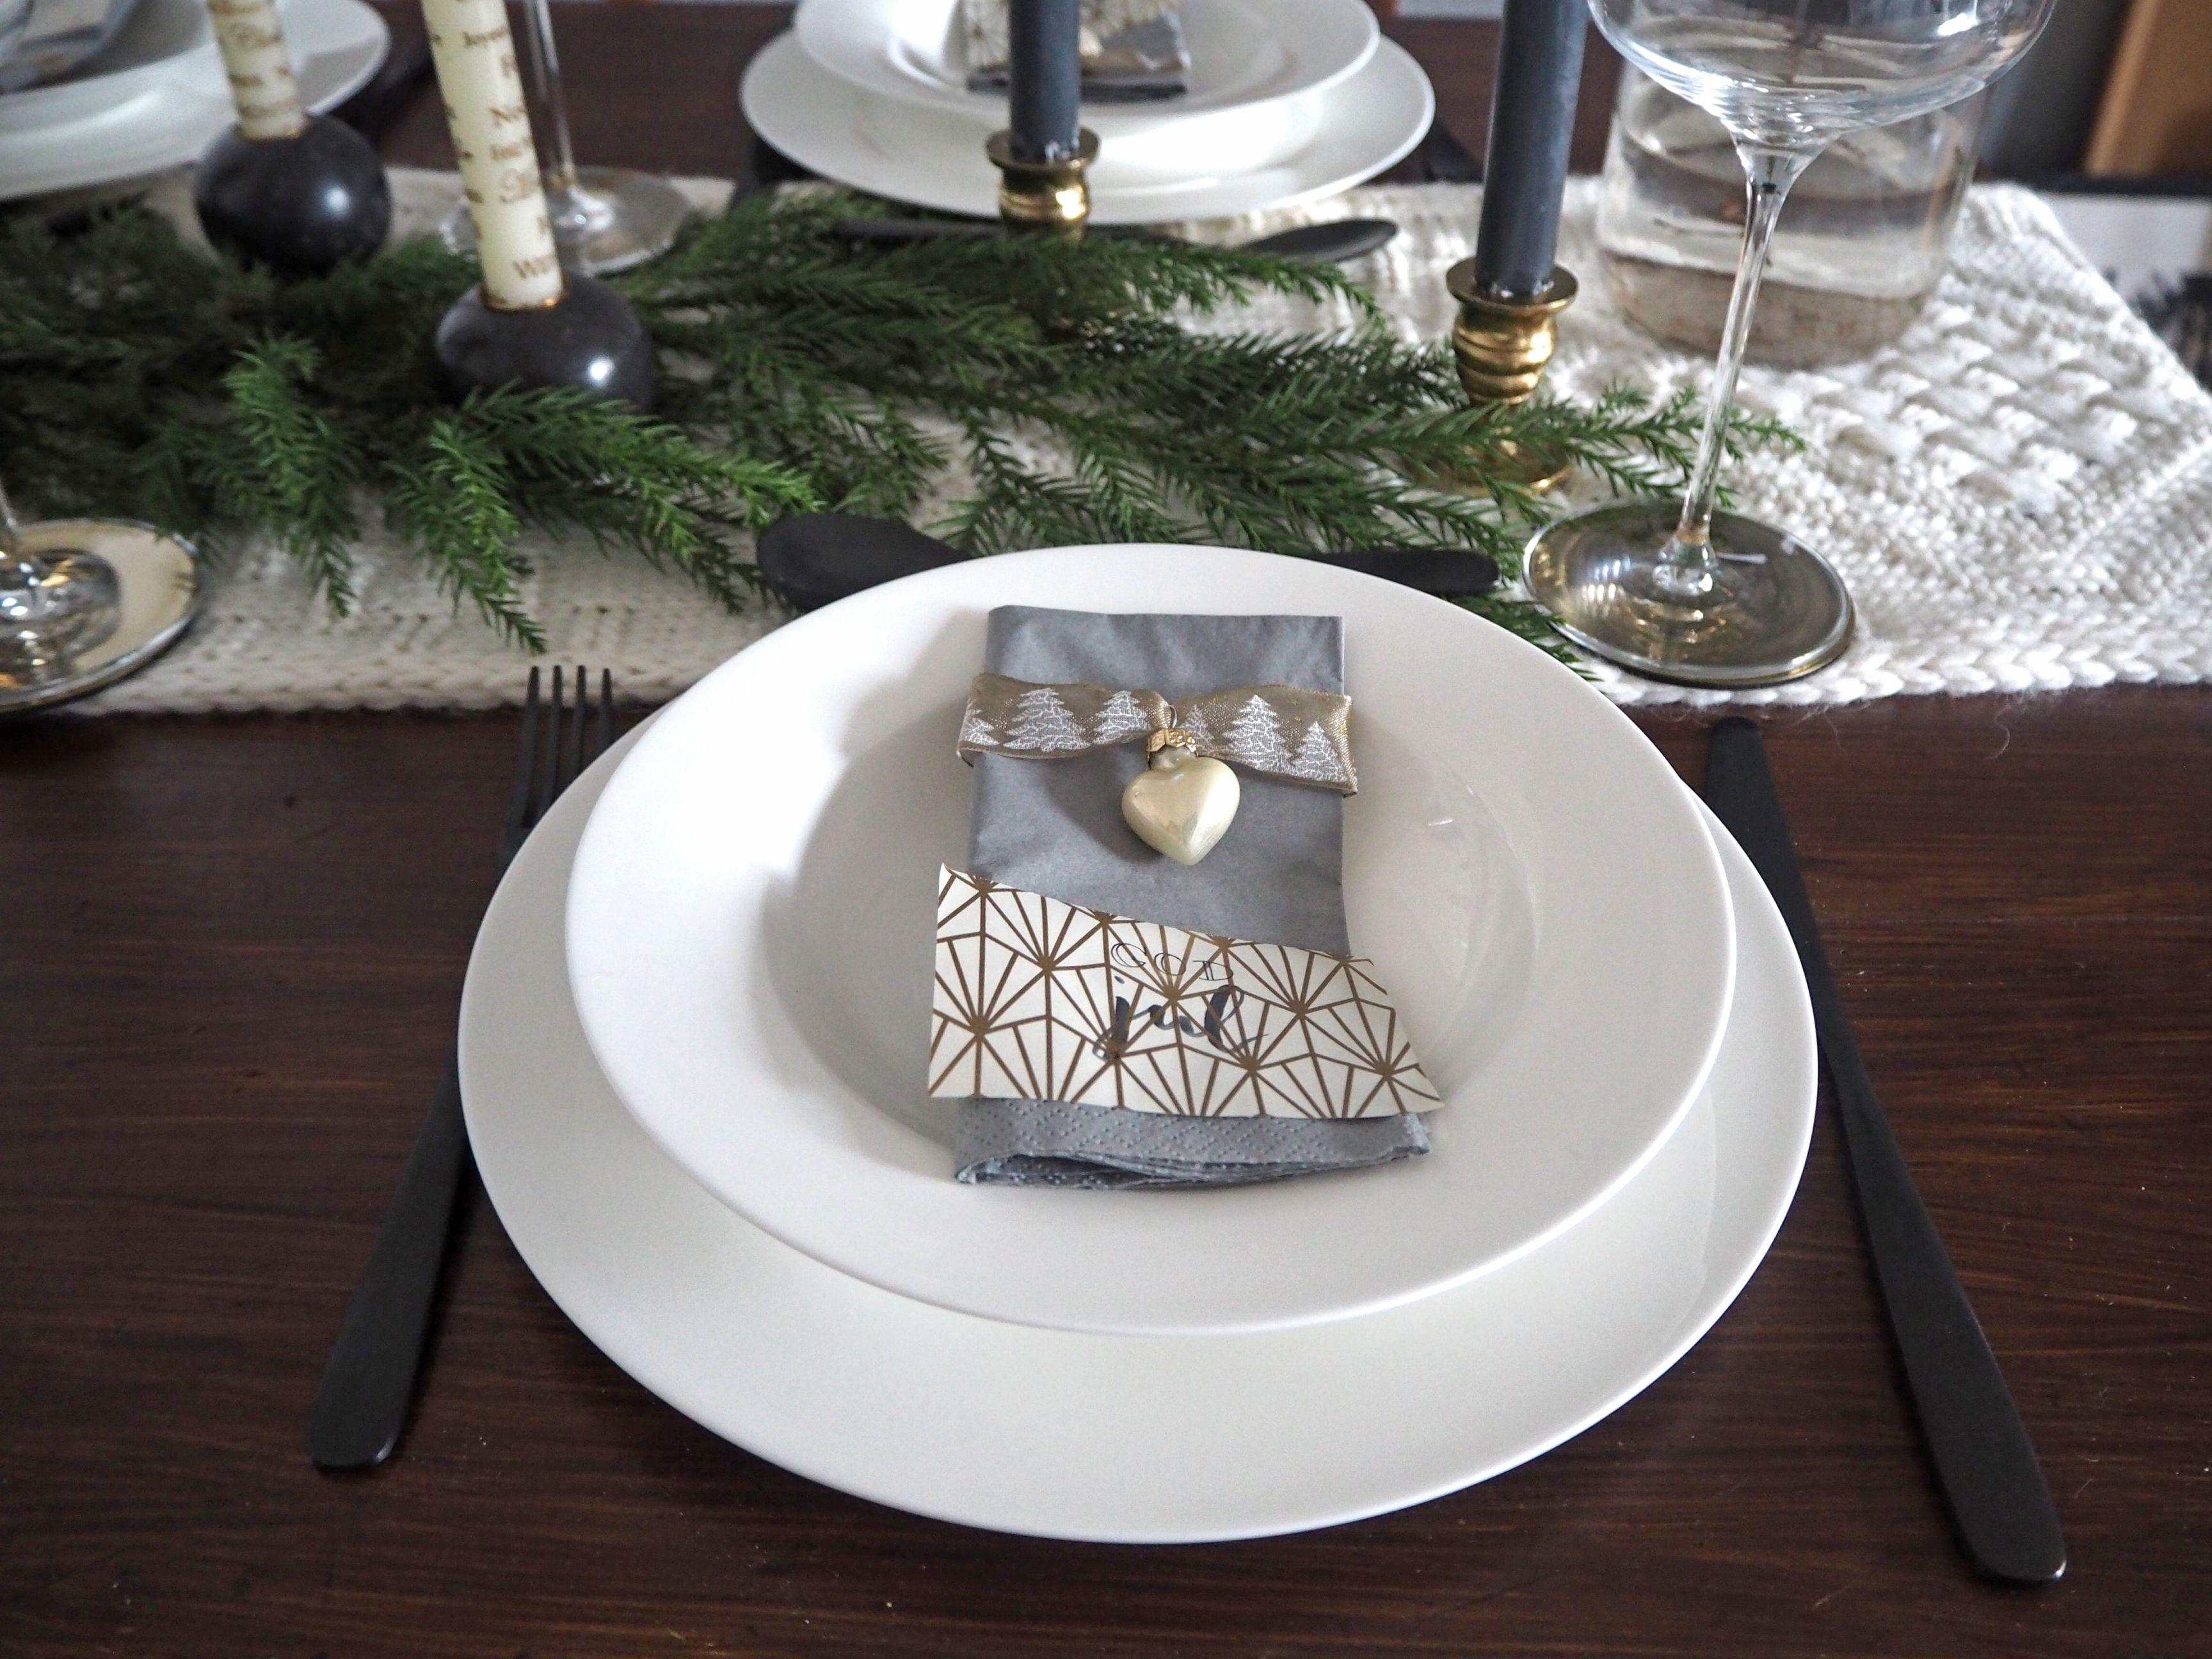 2018-skoen-och-kreativ-interior-tischdeko-festliche-tischdekoration-im-skandi-stil-weihnachten-god-jul-tabledecor (9)